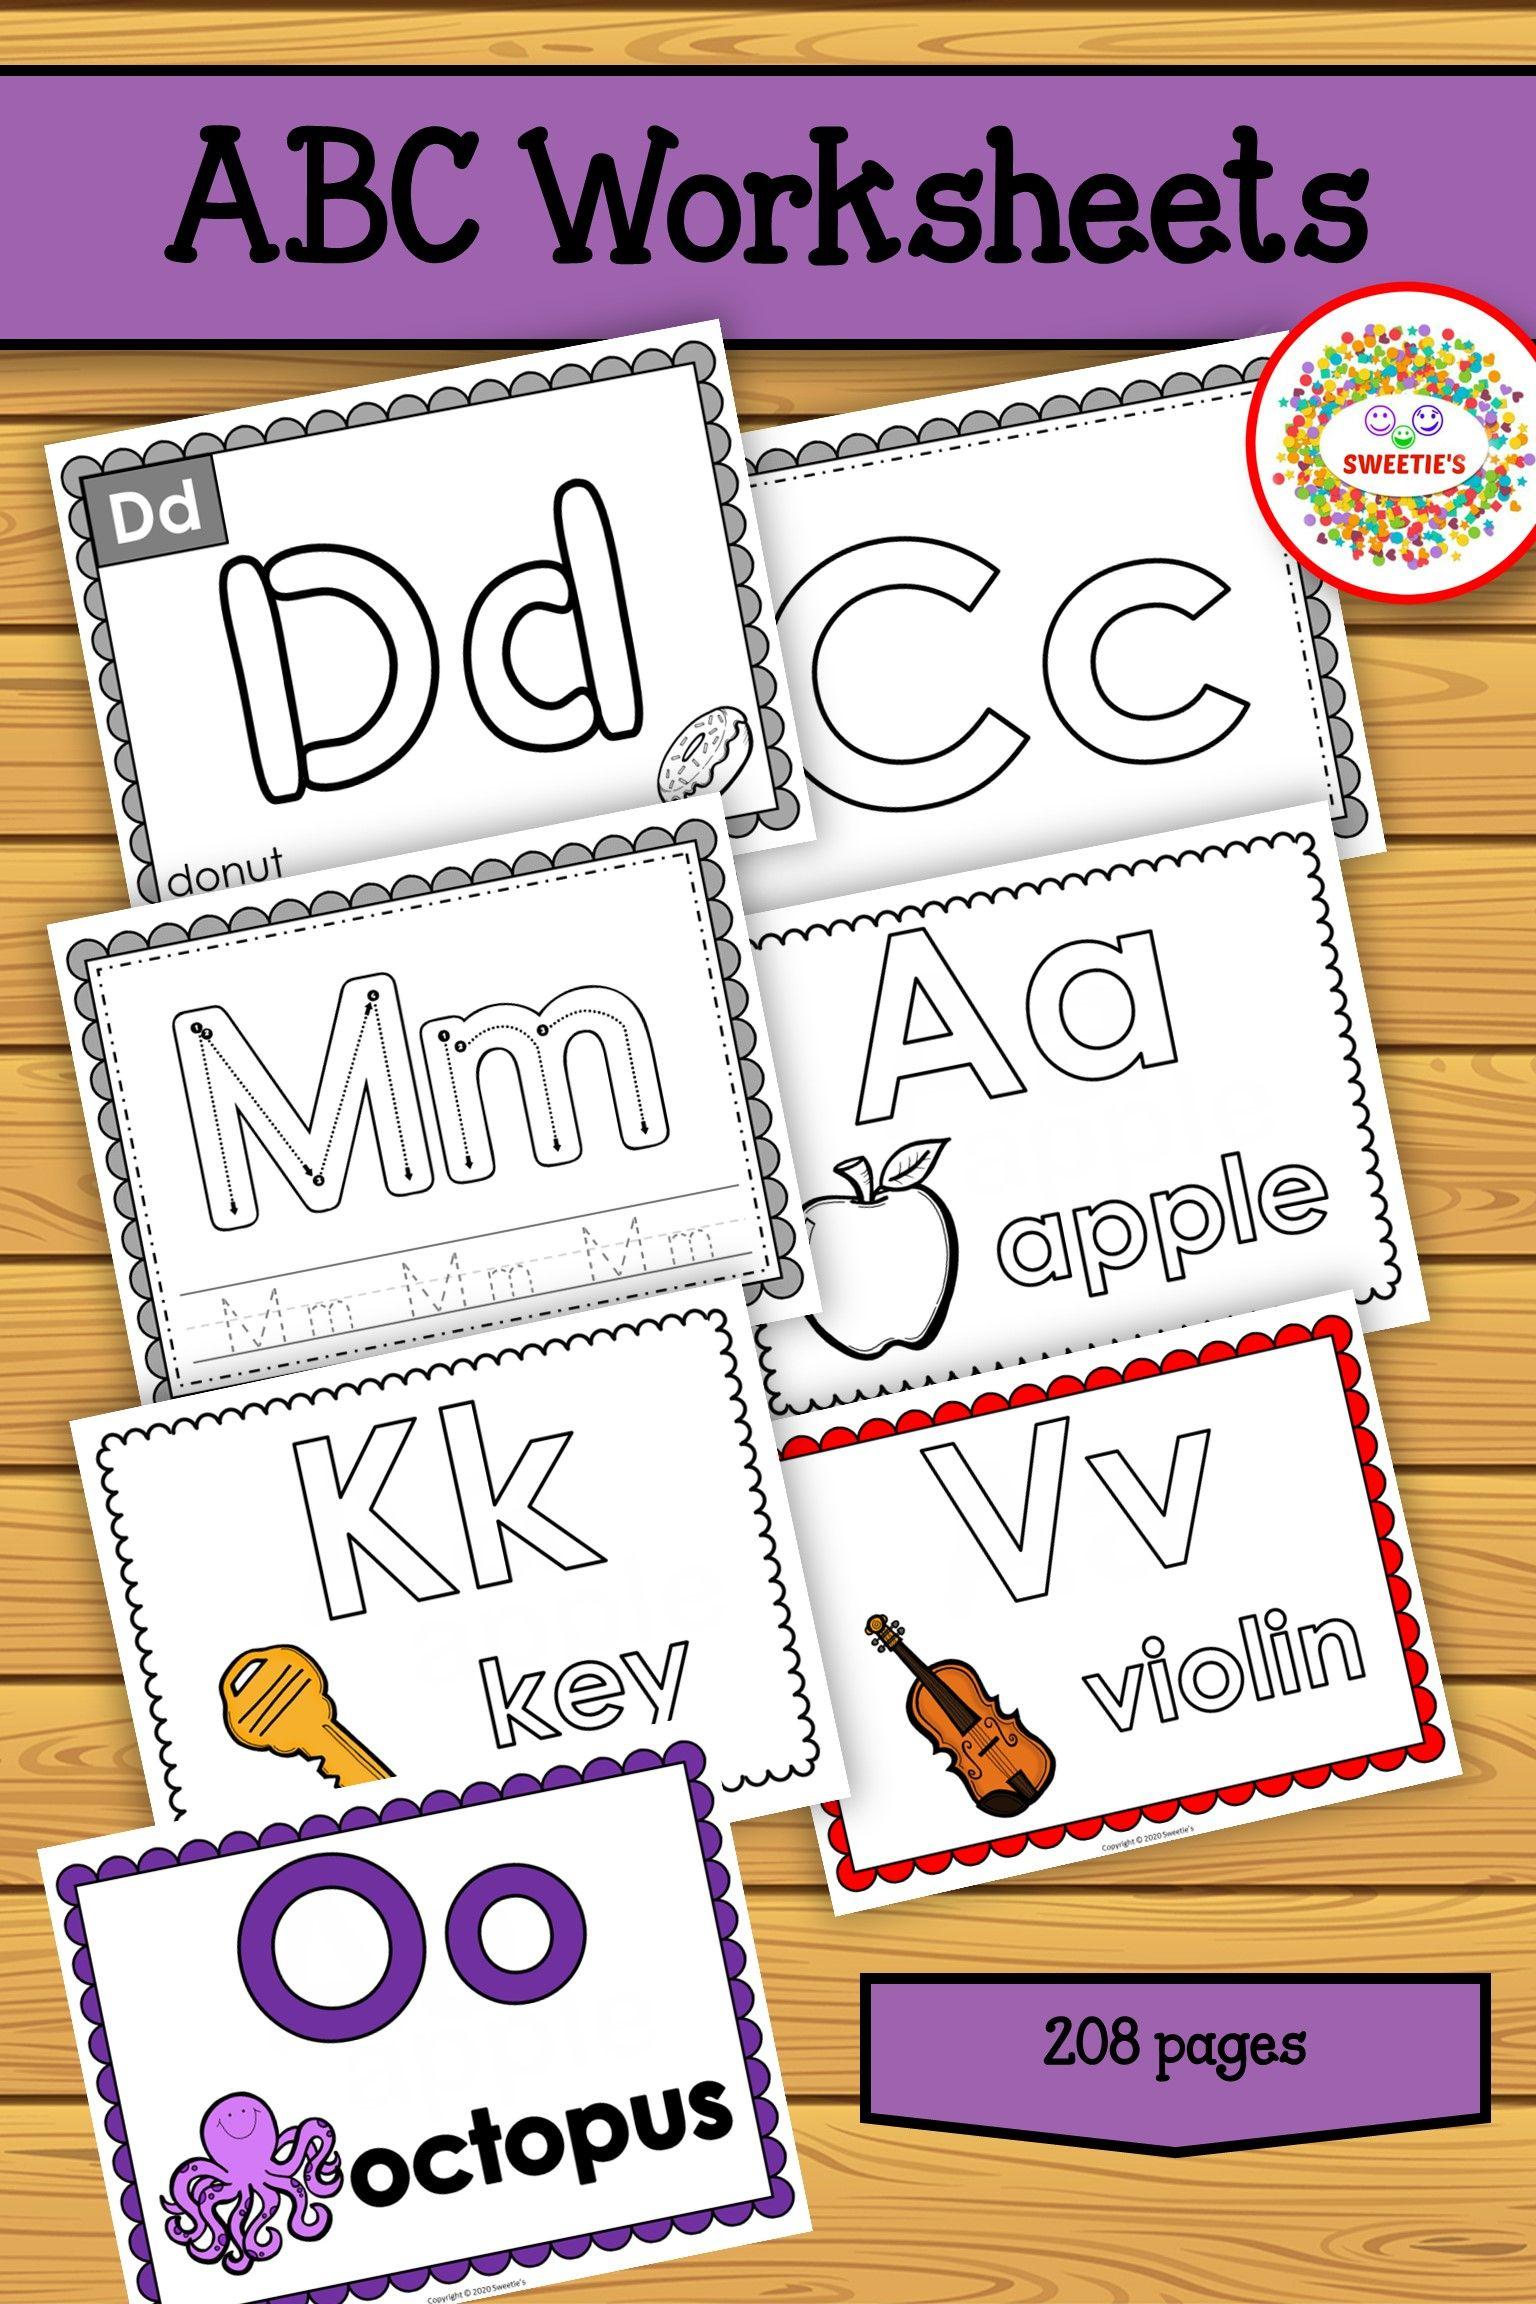 Abc Worksheets Alphabet Worksheetsalphabet Playdough Mat Etsy In 2021 Abc Worksheets Preschool Alphabet Practice Elementary Learning [ 2304 x 1536 Pixel ]